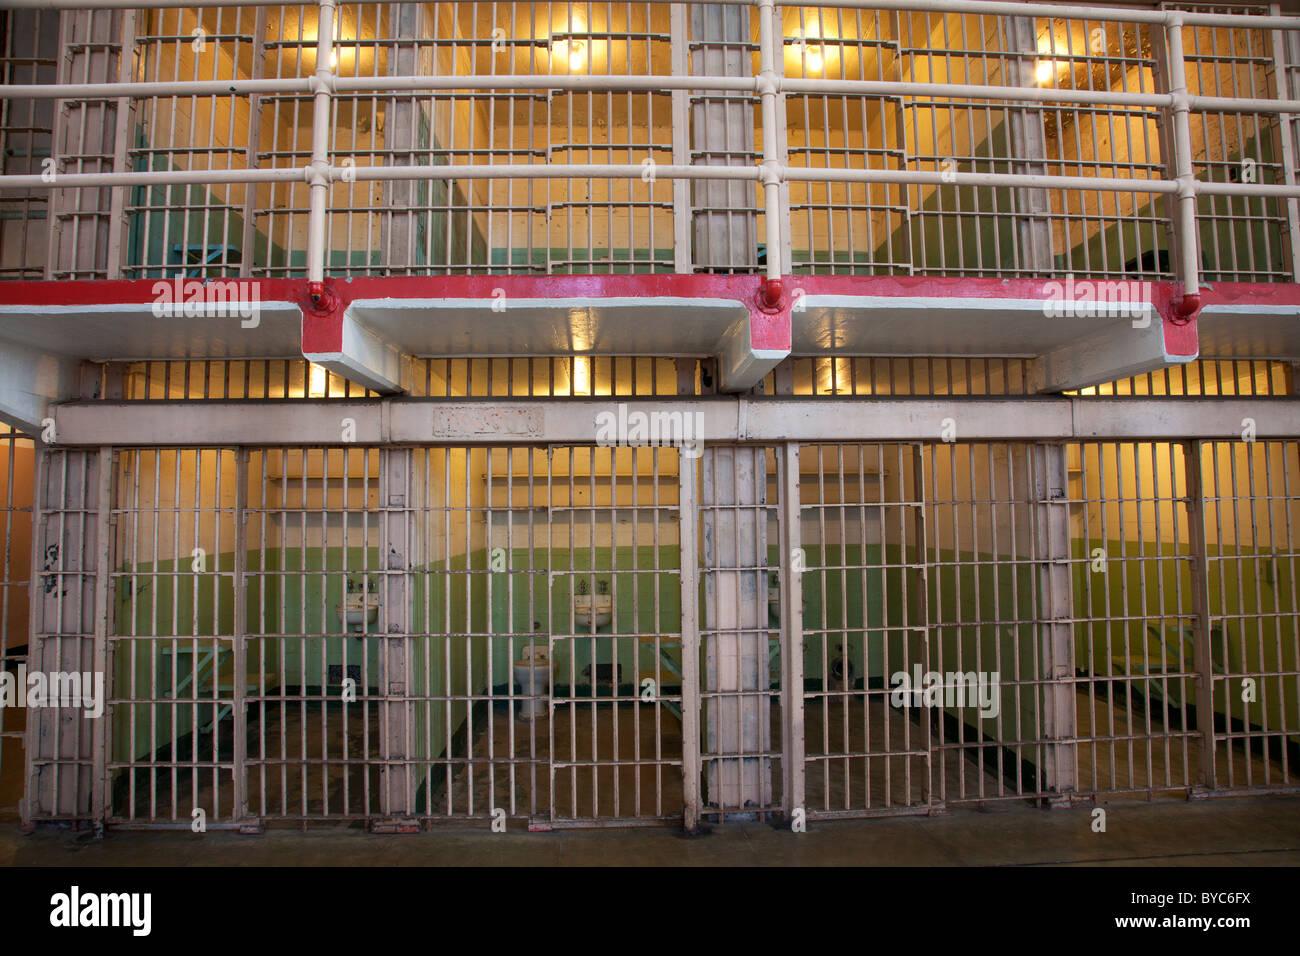 Inside cell house at Alcatraz, San Francisco, CA - Stock Image